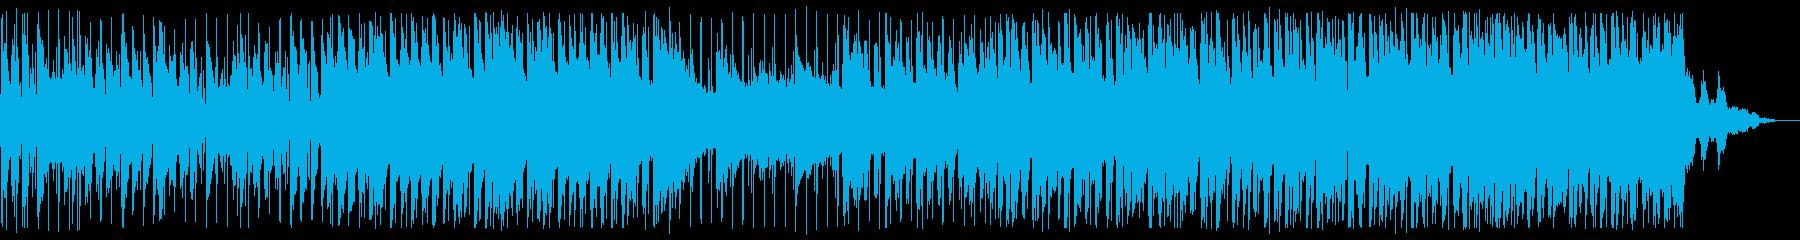 煌びやかなディスコ_No693_2の再生済みの波形